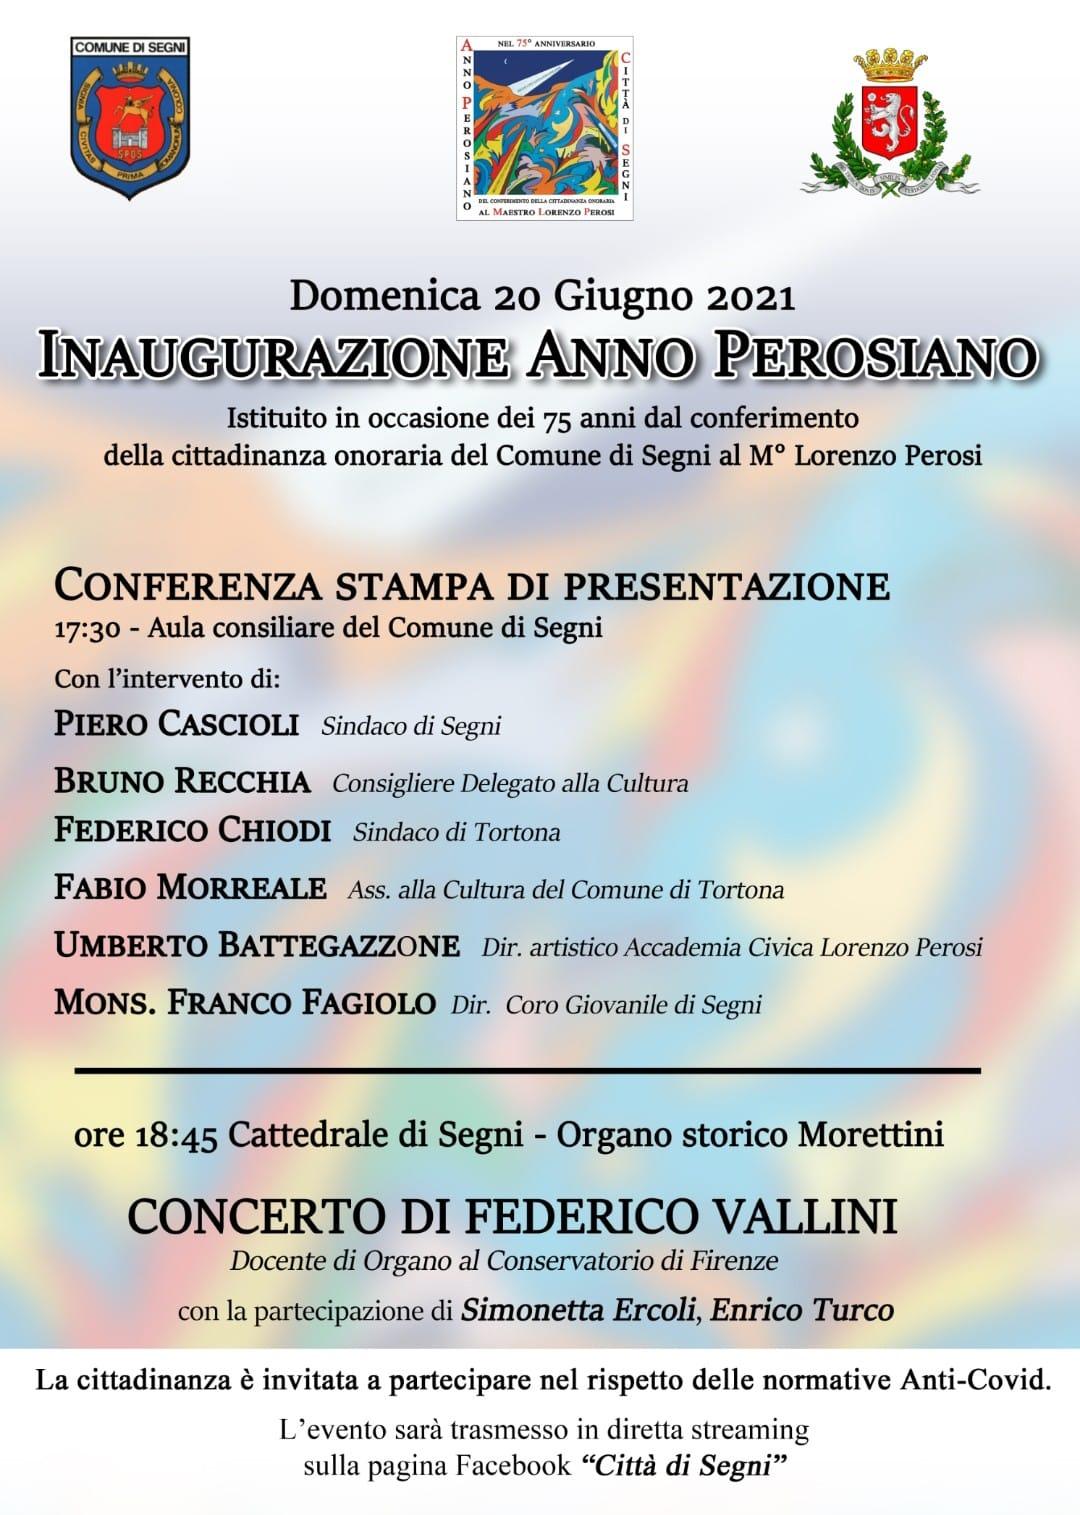 Segni: Inaugurazione Anno Perosiano @ Aula consiliare del Comune di Segni e Cattedrale di Segni